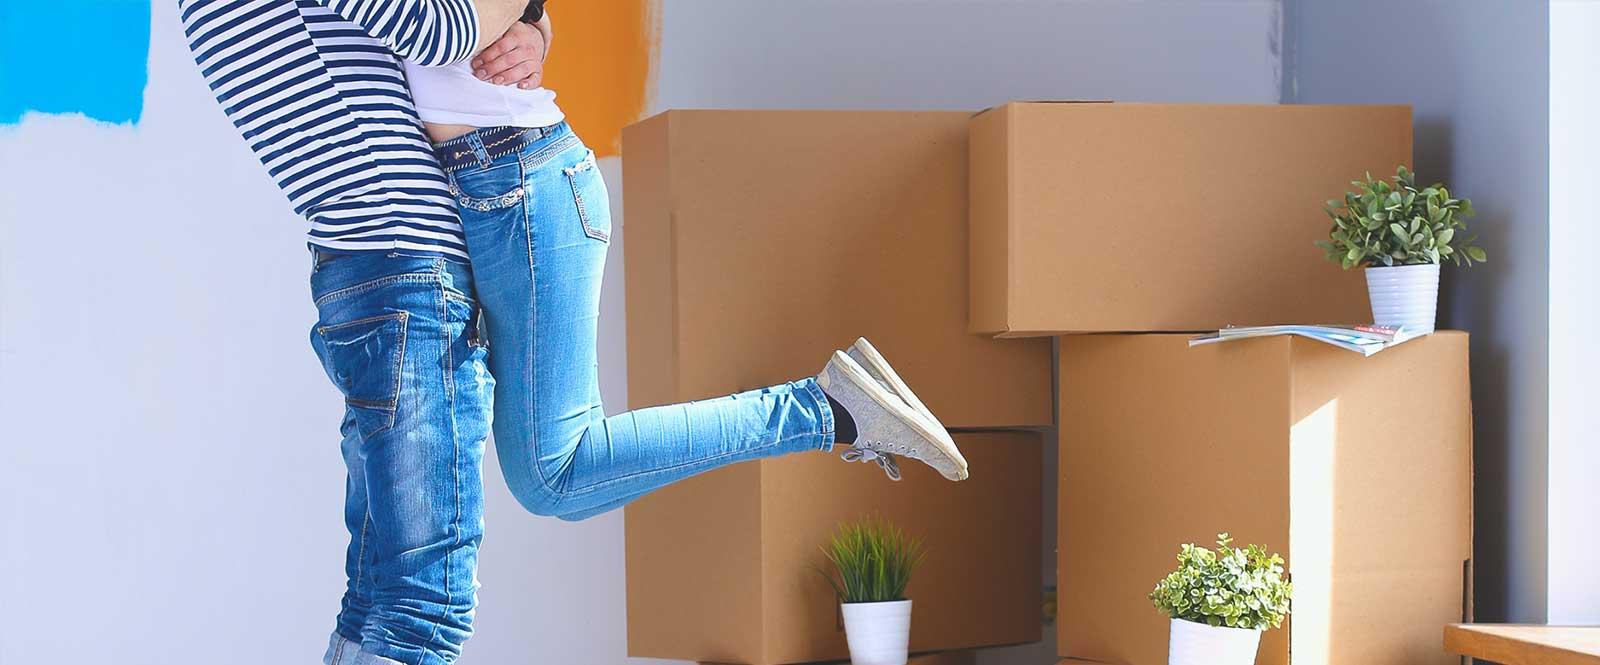 bf2858f63e14 Hypotéka pre mladých  Kedy a ako ju môžete získať • Domadoma